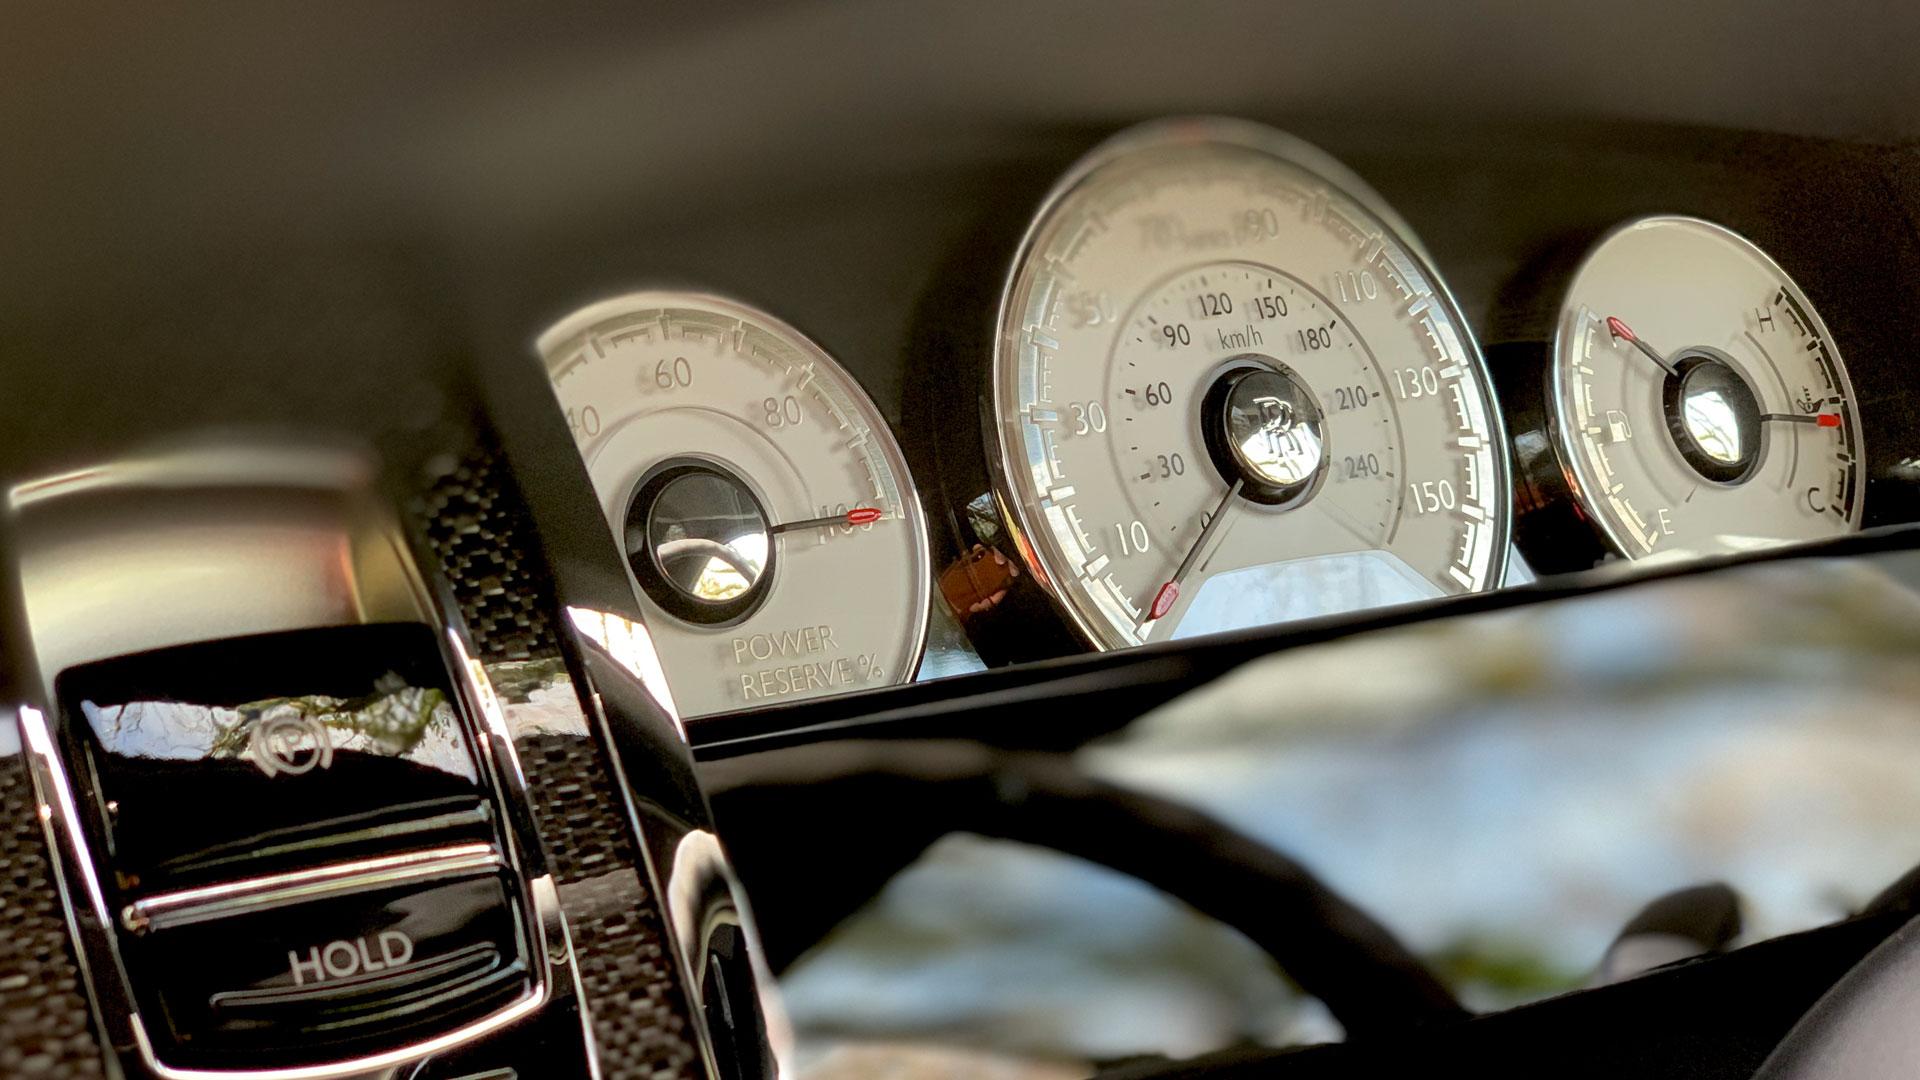 Rolls-Royce Wraith dials